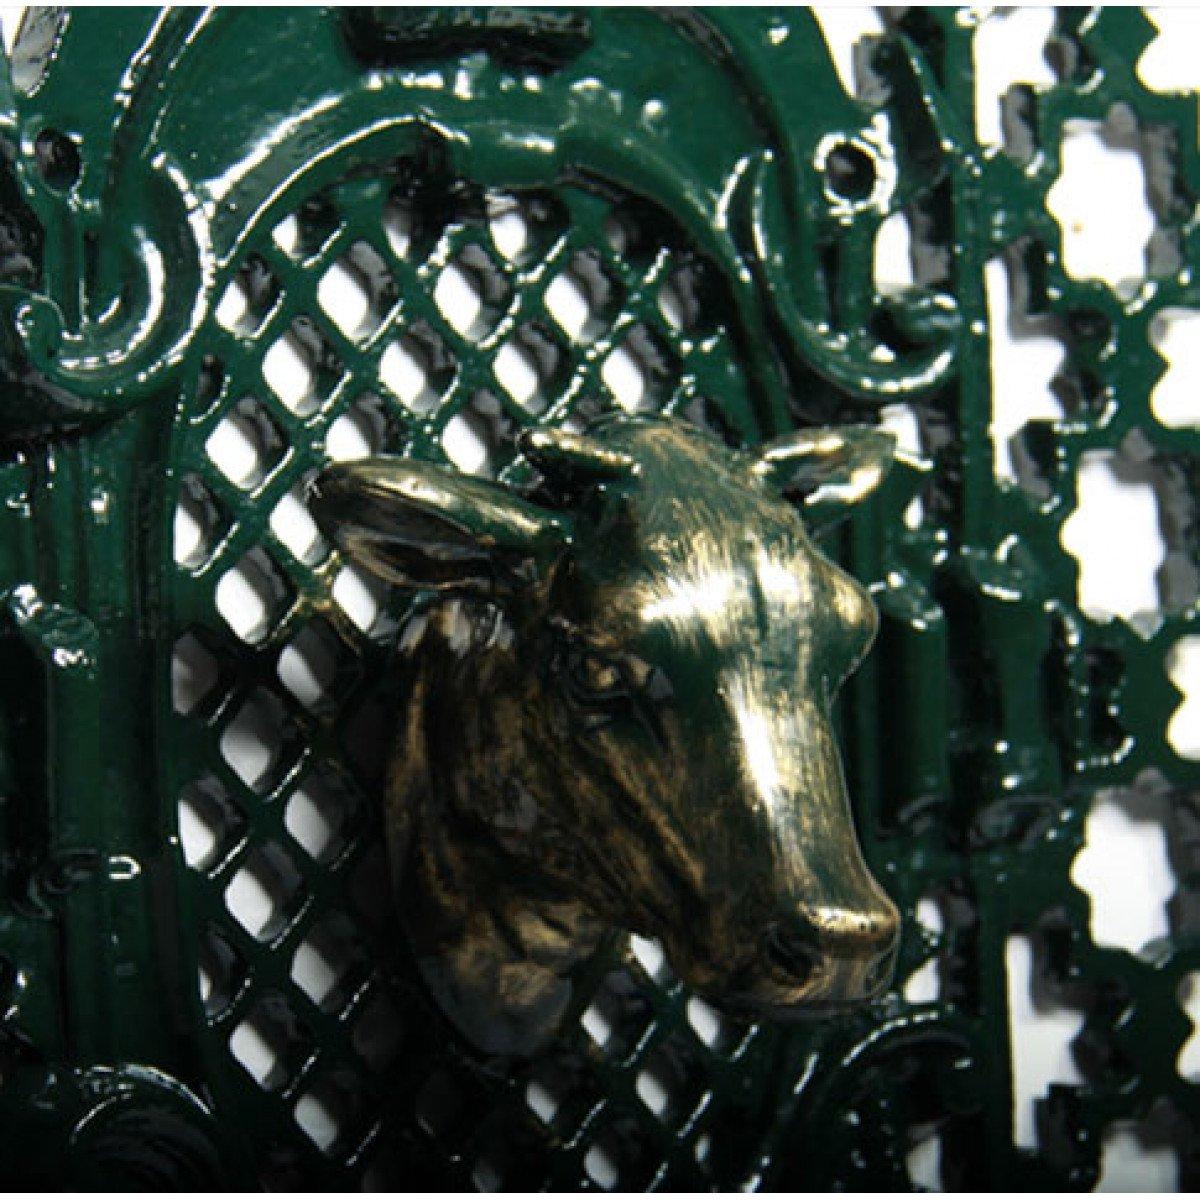 Deurrooster R 491 B Koeienkop H:108 x B:68 (5343) -  - Deurroosters